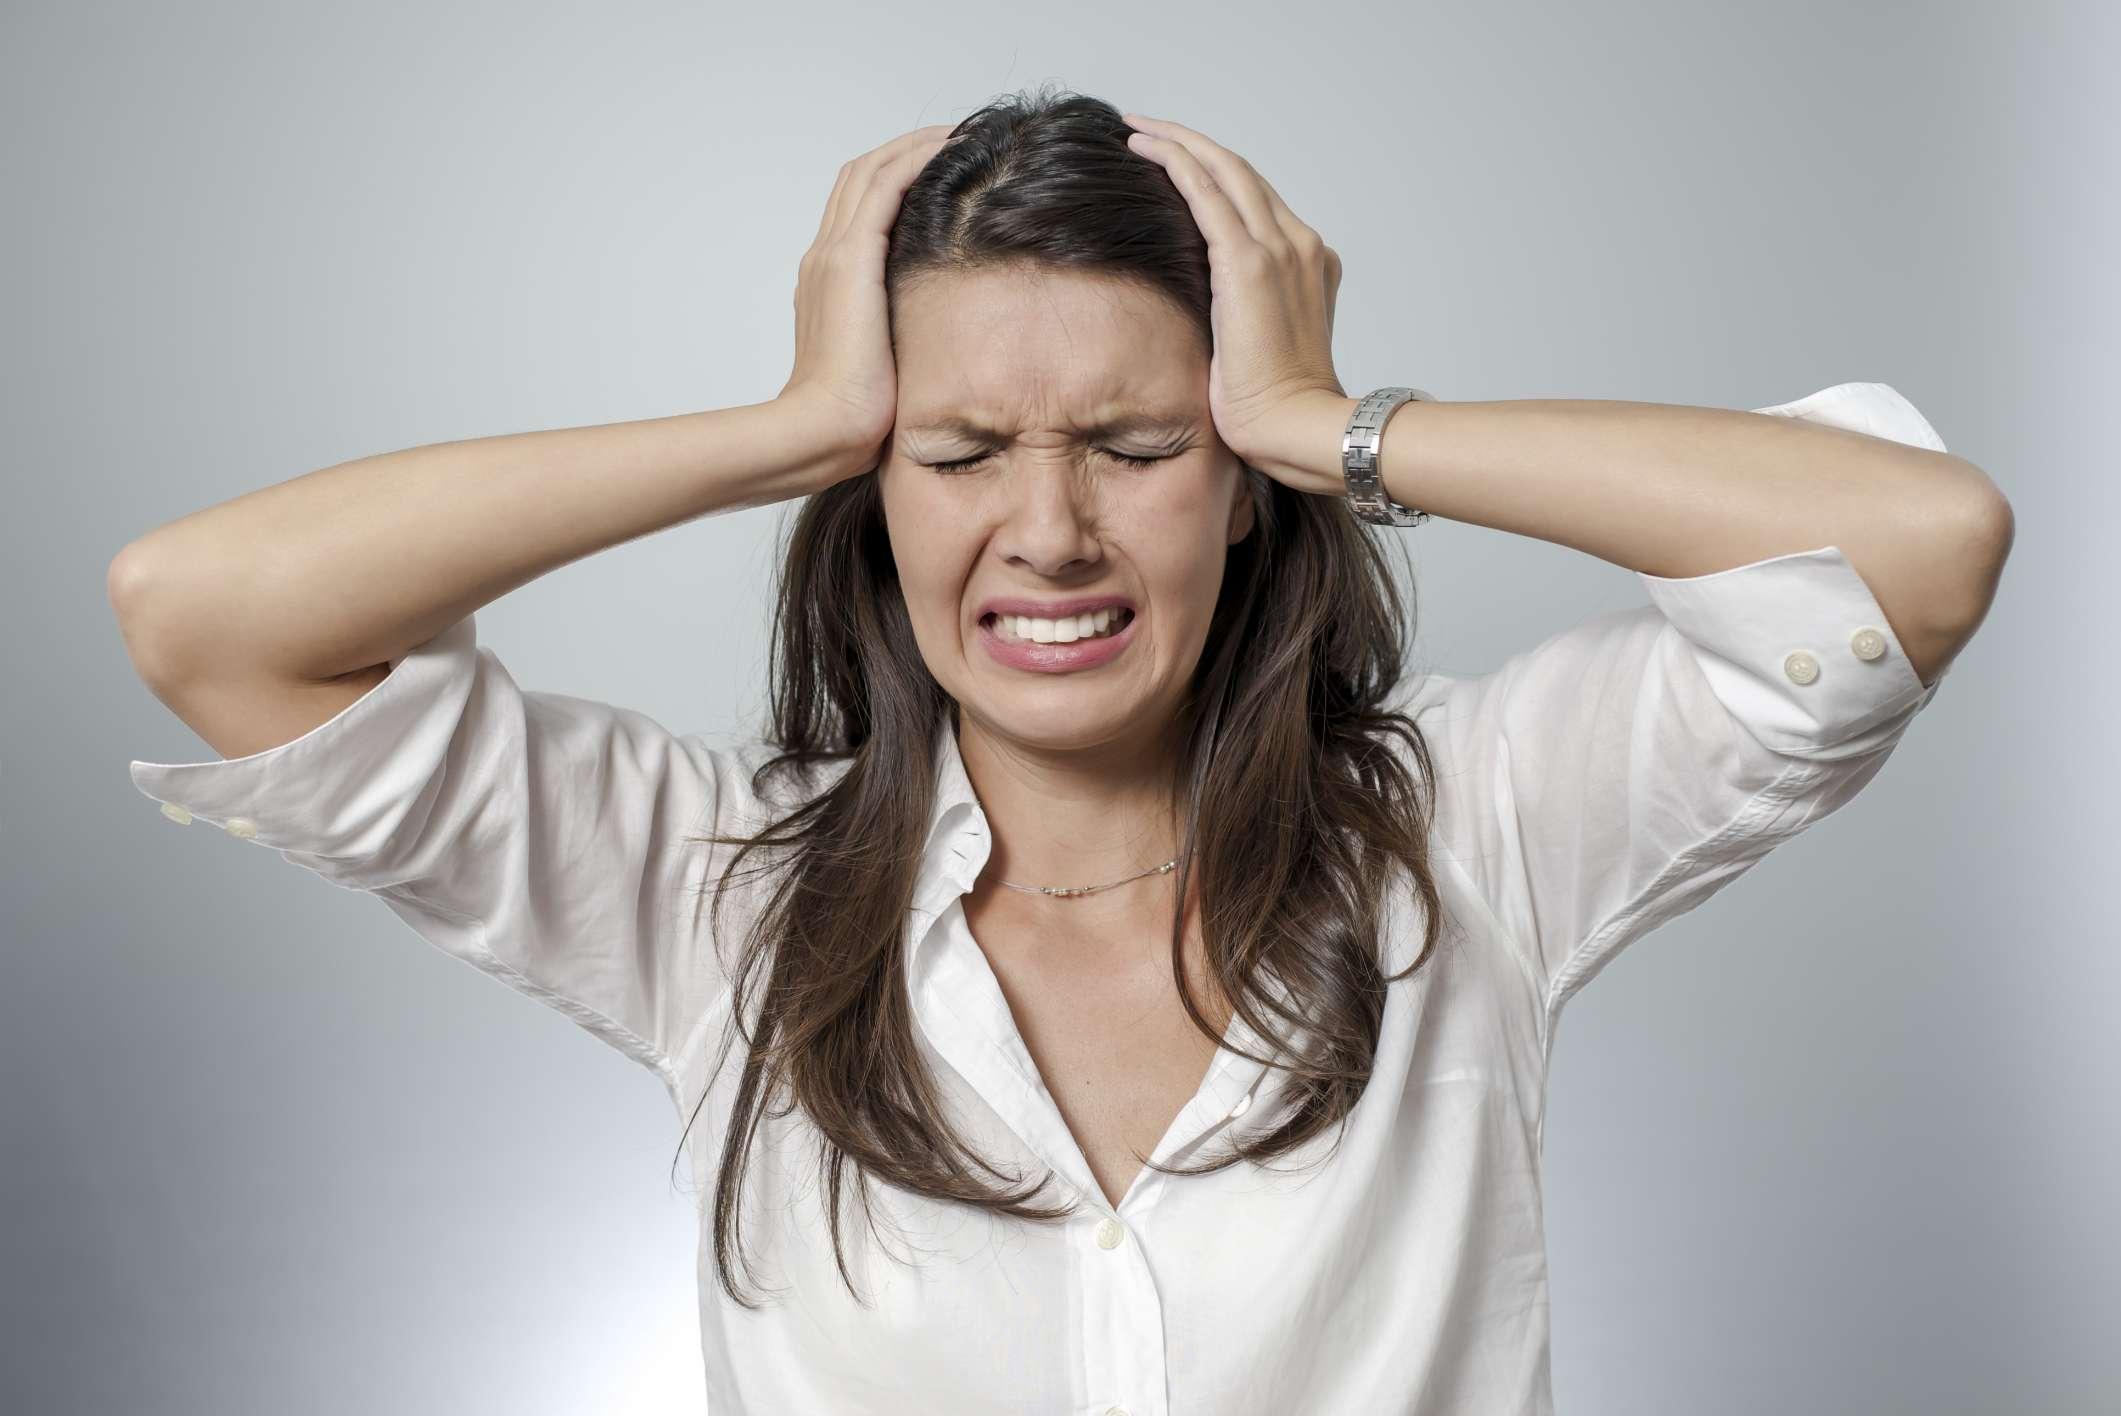 Скачок давления — гипертония: симптомы, причины и методика лечения